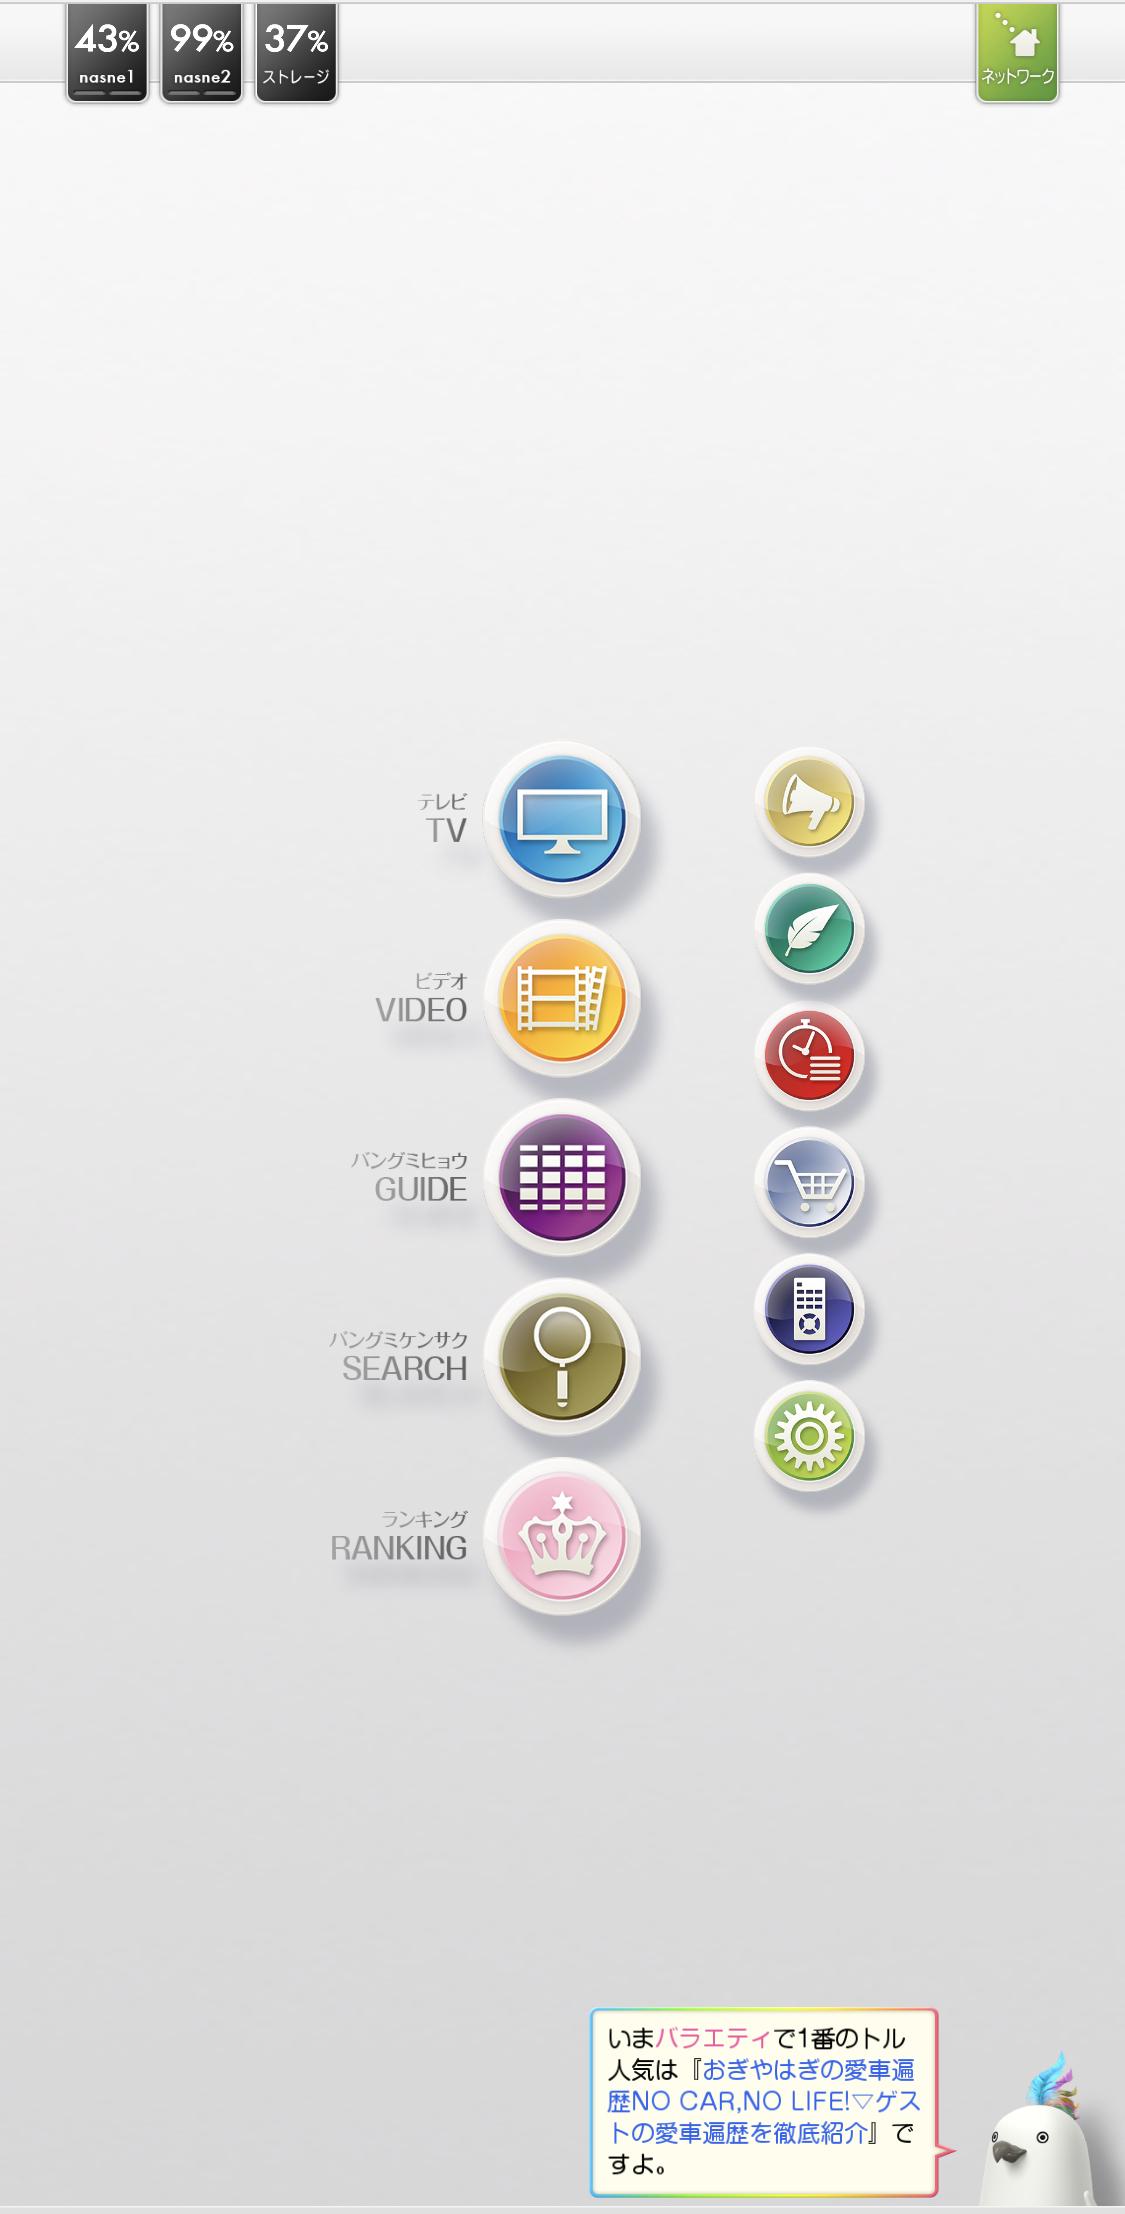 3716a6e5be 洗練されたGUIで見やすさも操作性も反応速度もどれをとっても完成度の高いアプリですね。 「ランキング」機能では、torne mobileのユーザーによる 録画予約数を集計し ...